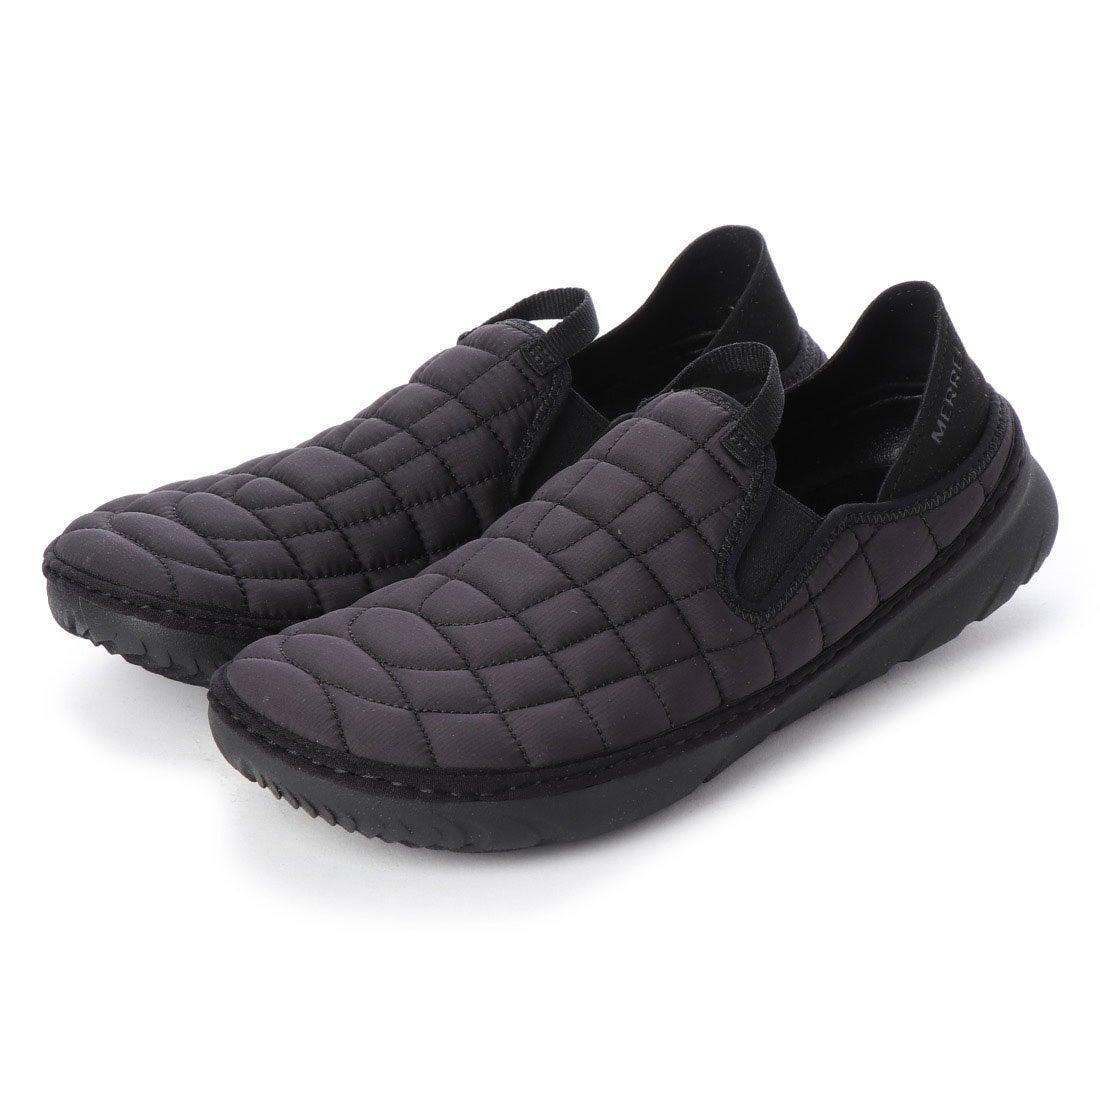 ロコンド 靴とファッションの通販サイトメレル MERRELL メンズ トレッキング アウトドアシューズ ハットモック J90731 9474